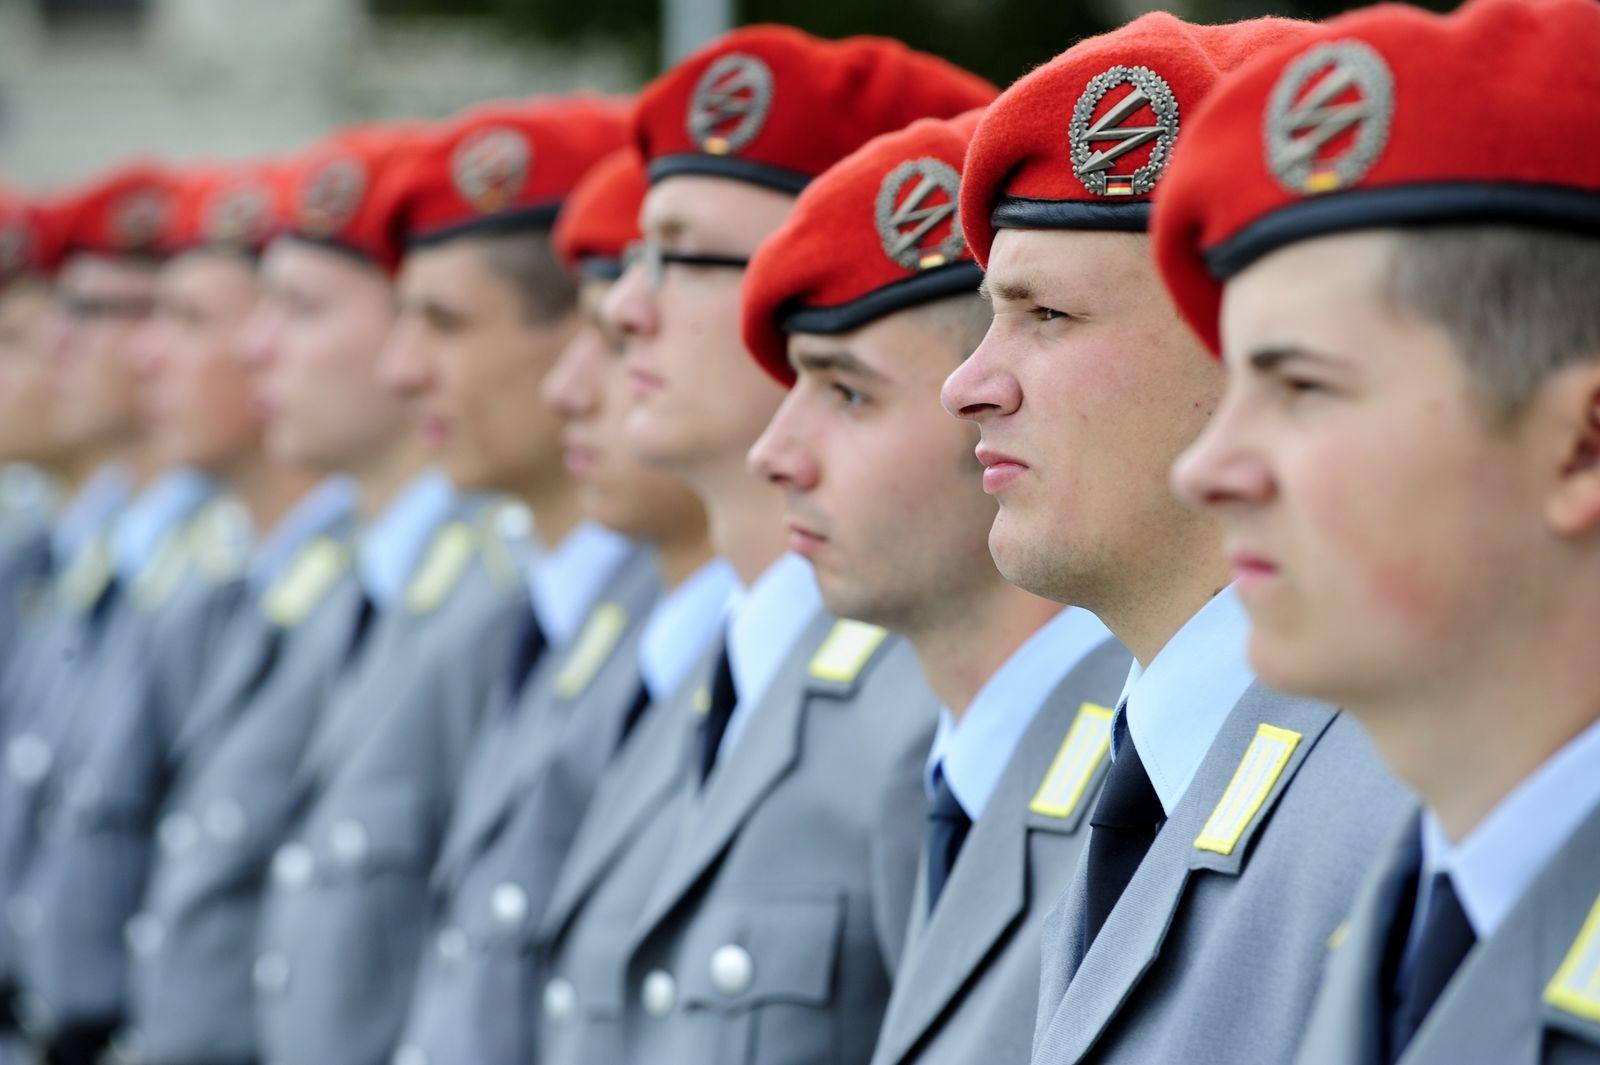 NICHT VERWENDEN THEMEN Bundeswehrreform